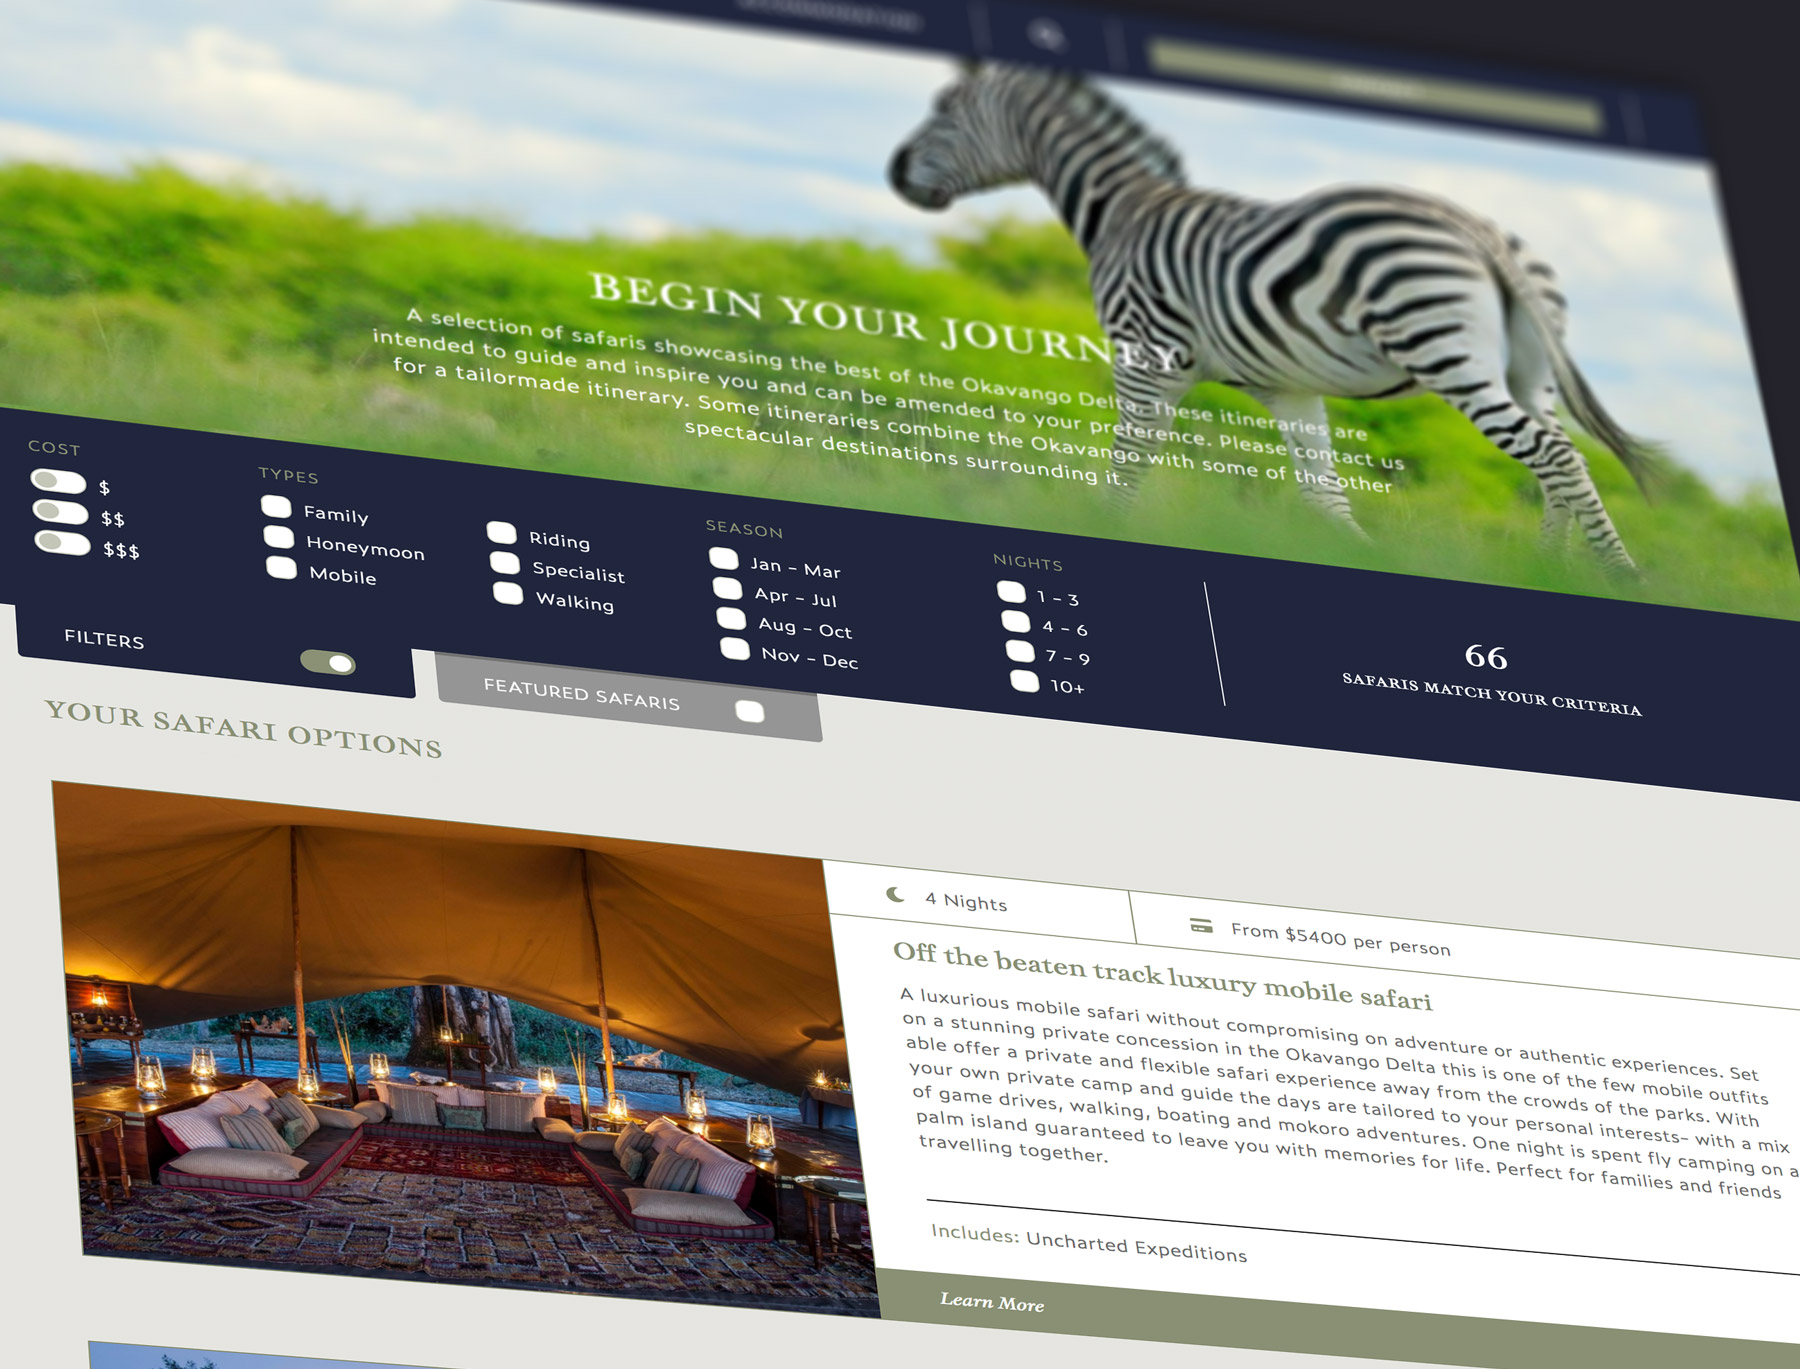 Okavango Delta Website detail